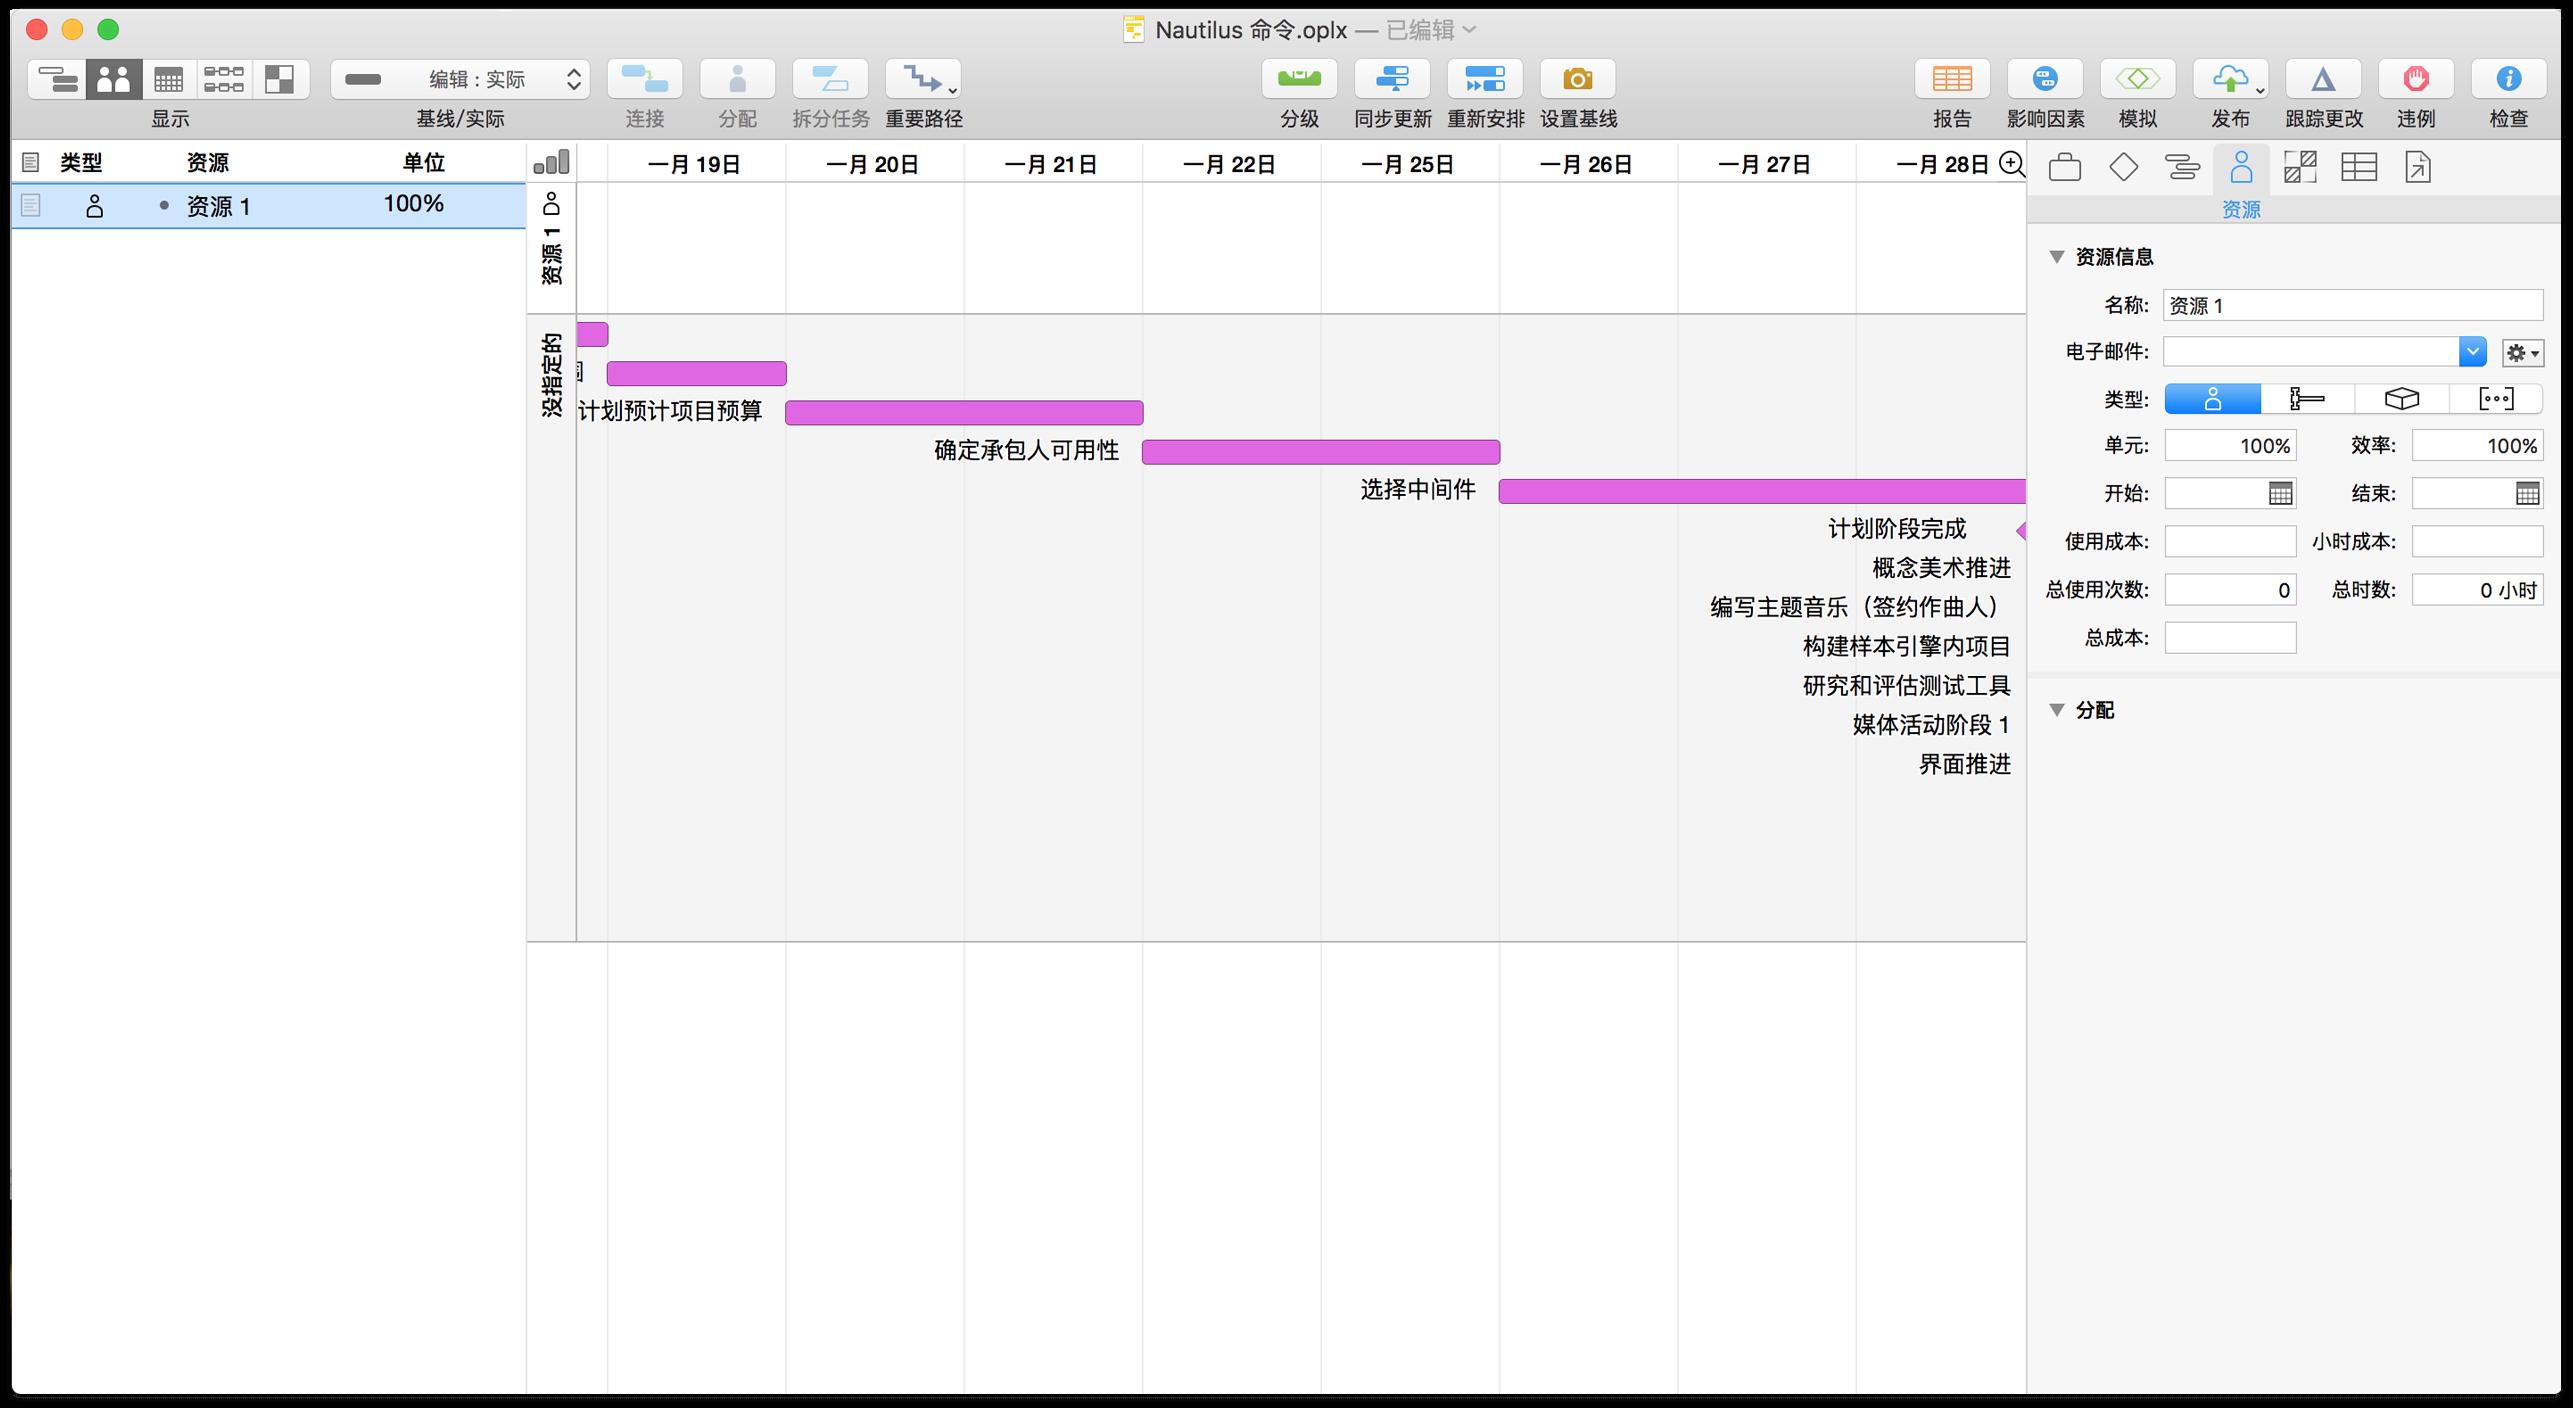 新建的项目会自带一个默认的资源,可以在资源视图中看到。